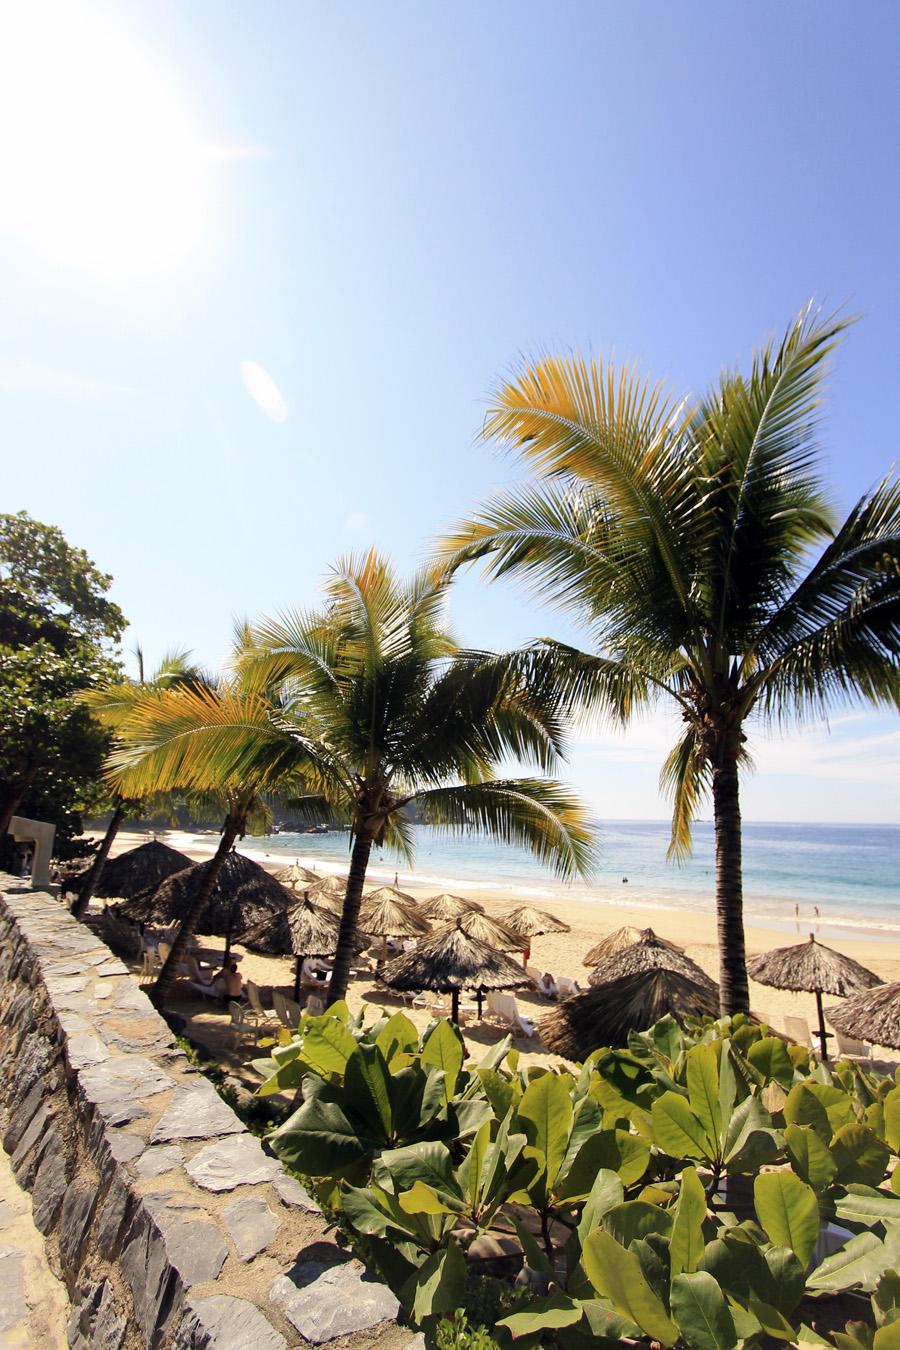 las brisas ixtapa zihuatenejo mexico beach huts ocean